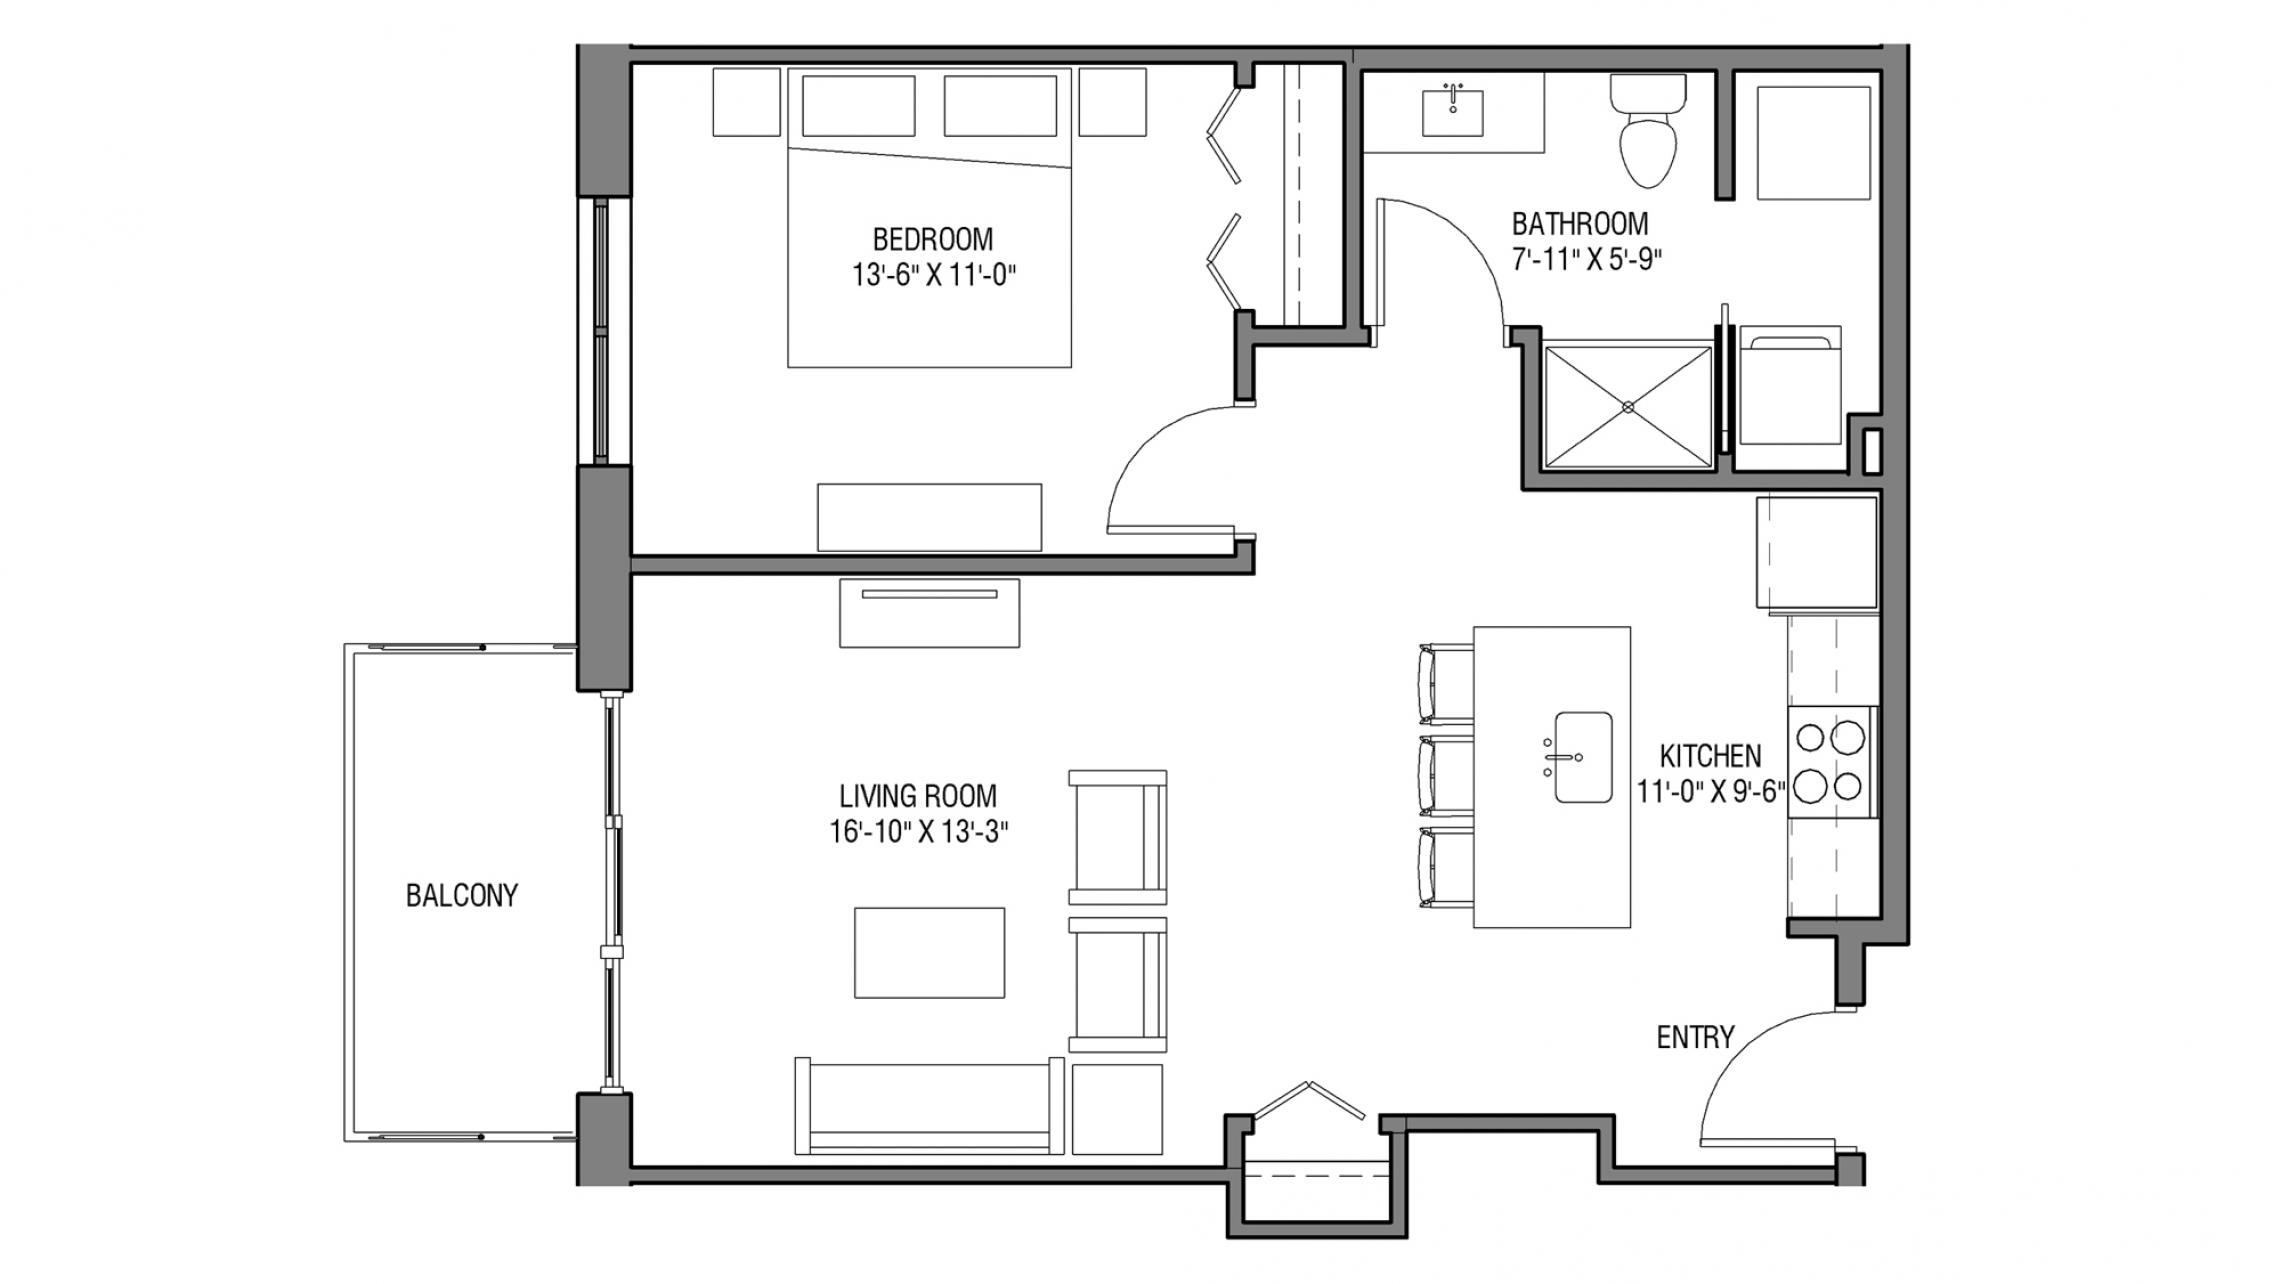 ULI Nine Line 217 - One Bedroom, One Bathroom